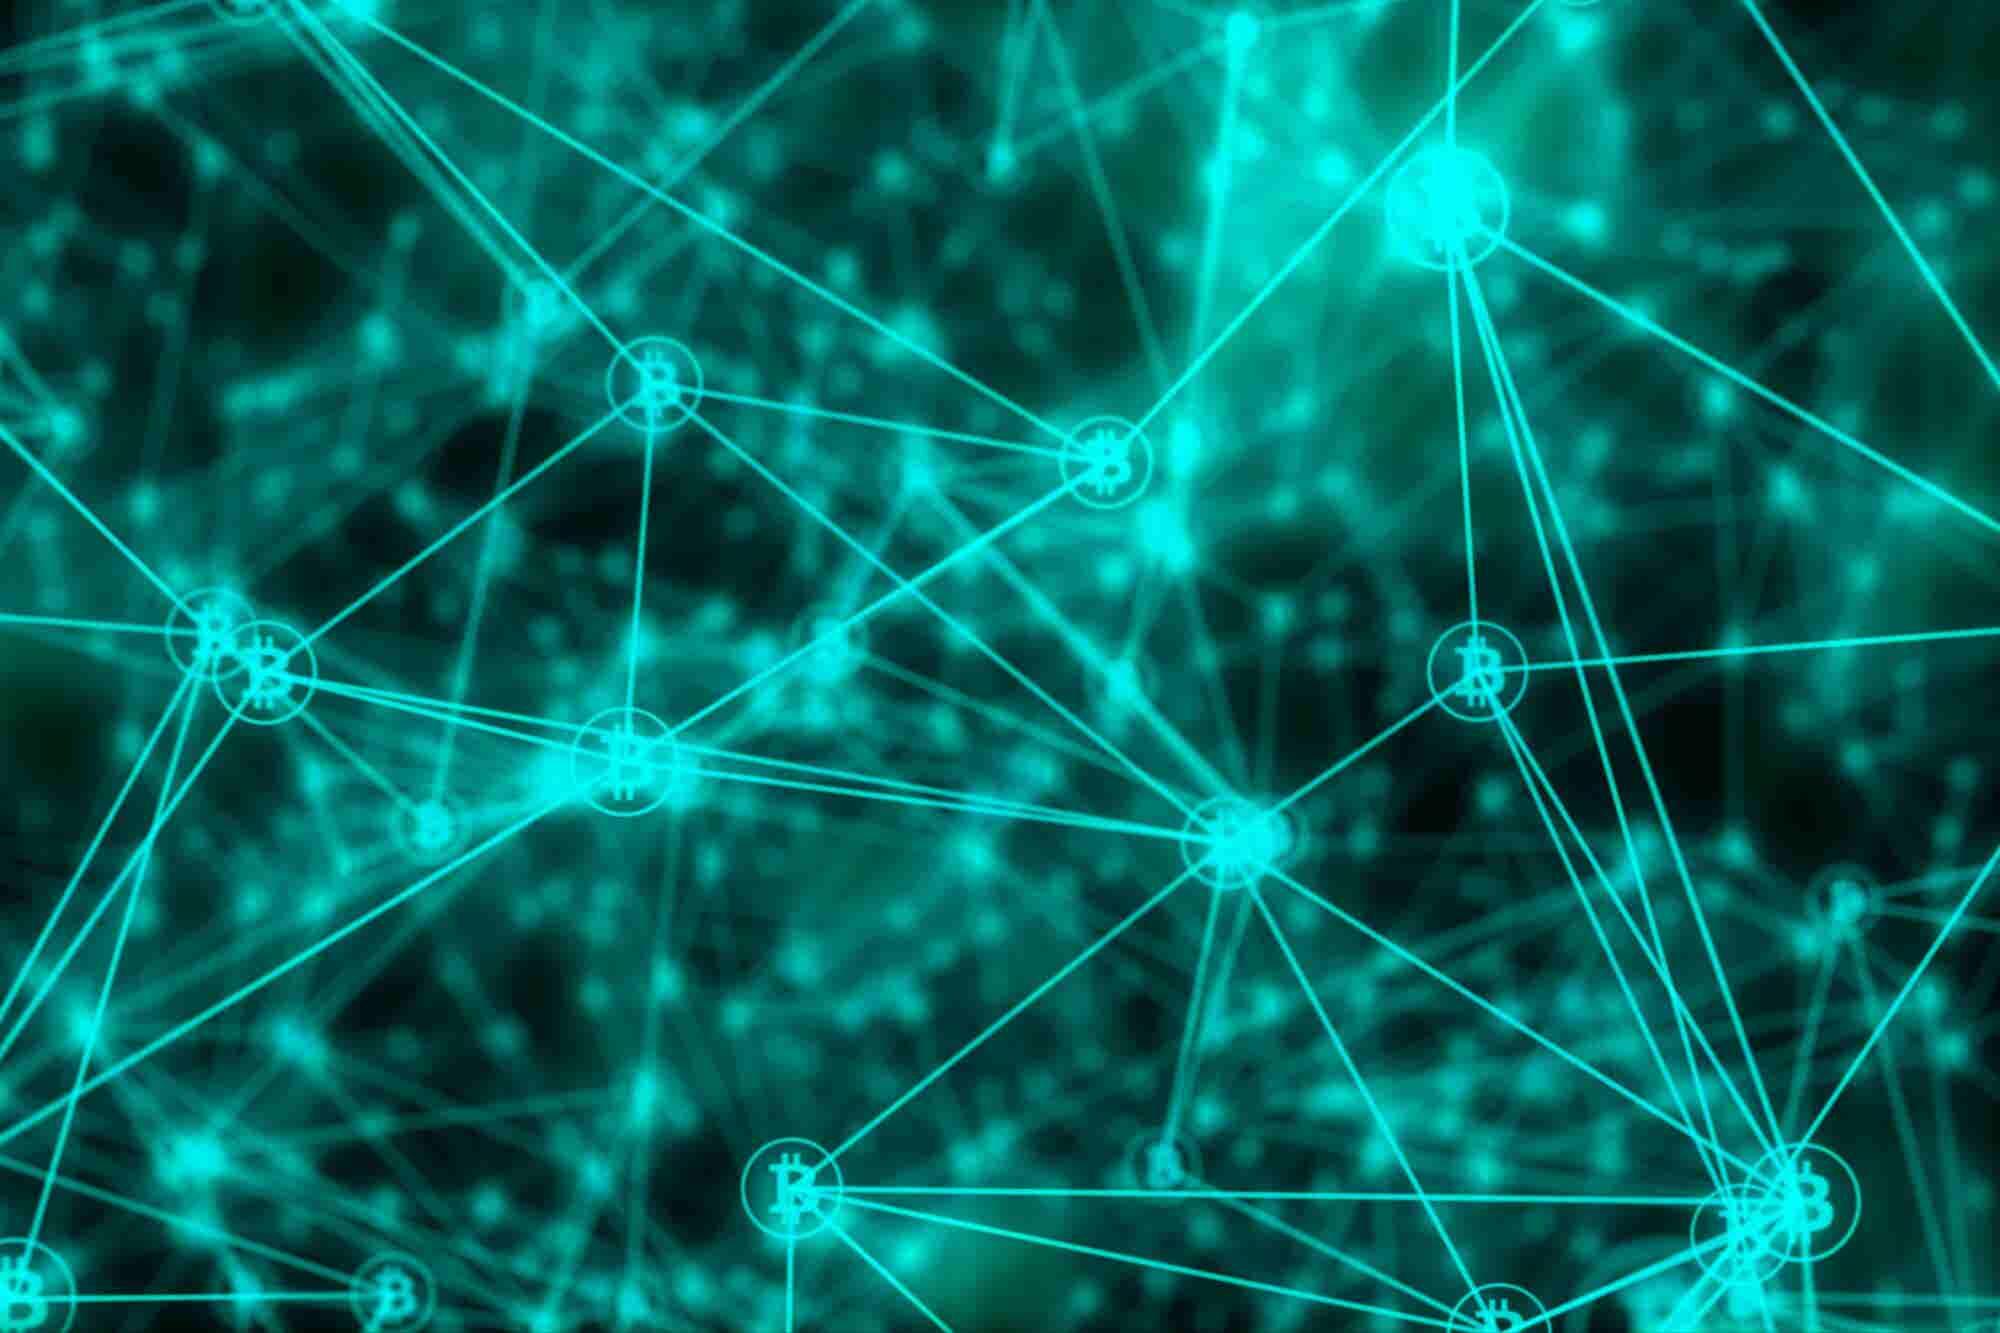 4 cosas que cambiarían con el blockchain